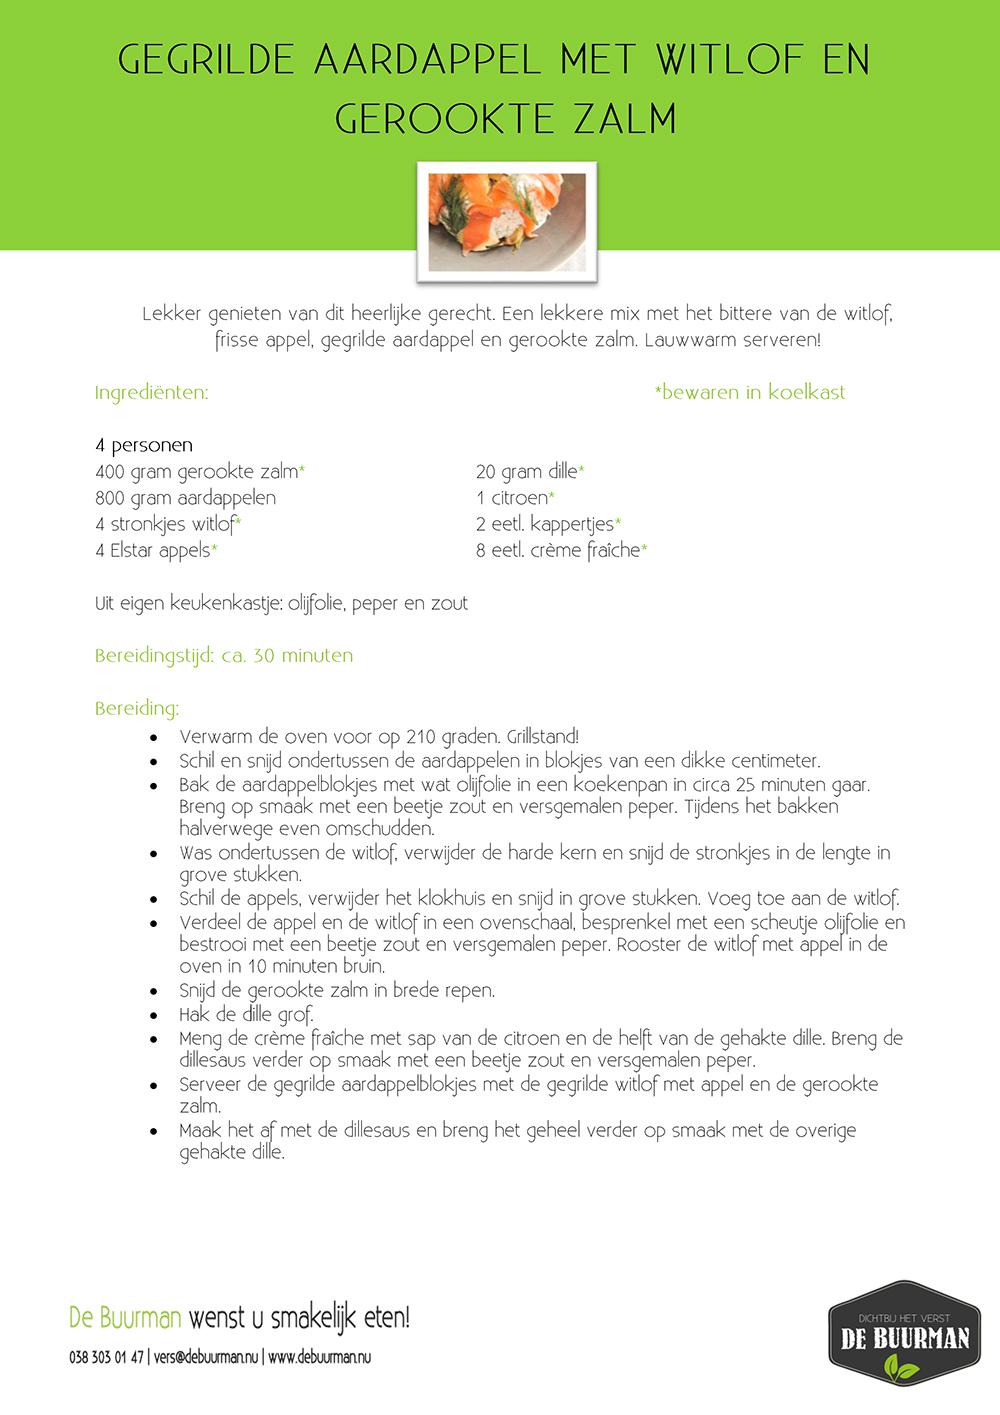 week 21 recept 1 - openen als pdf